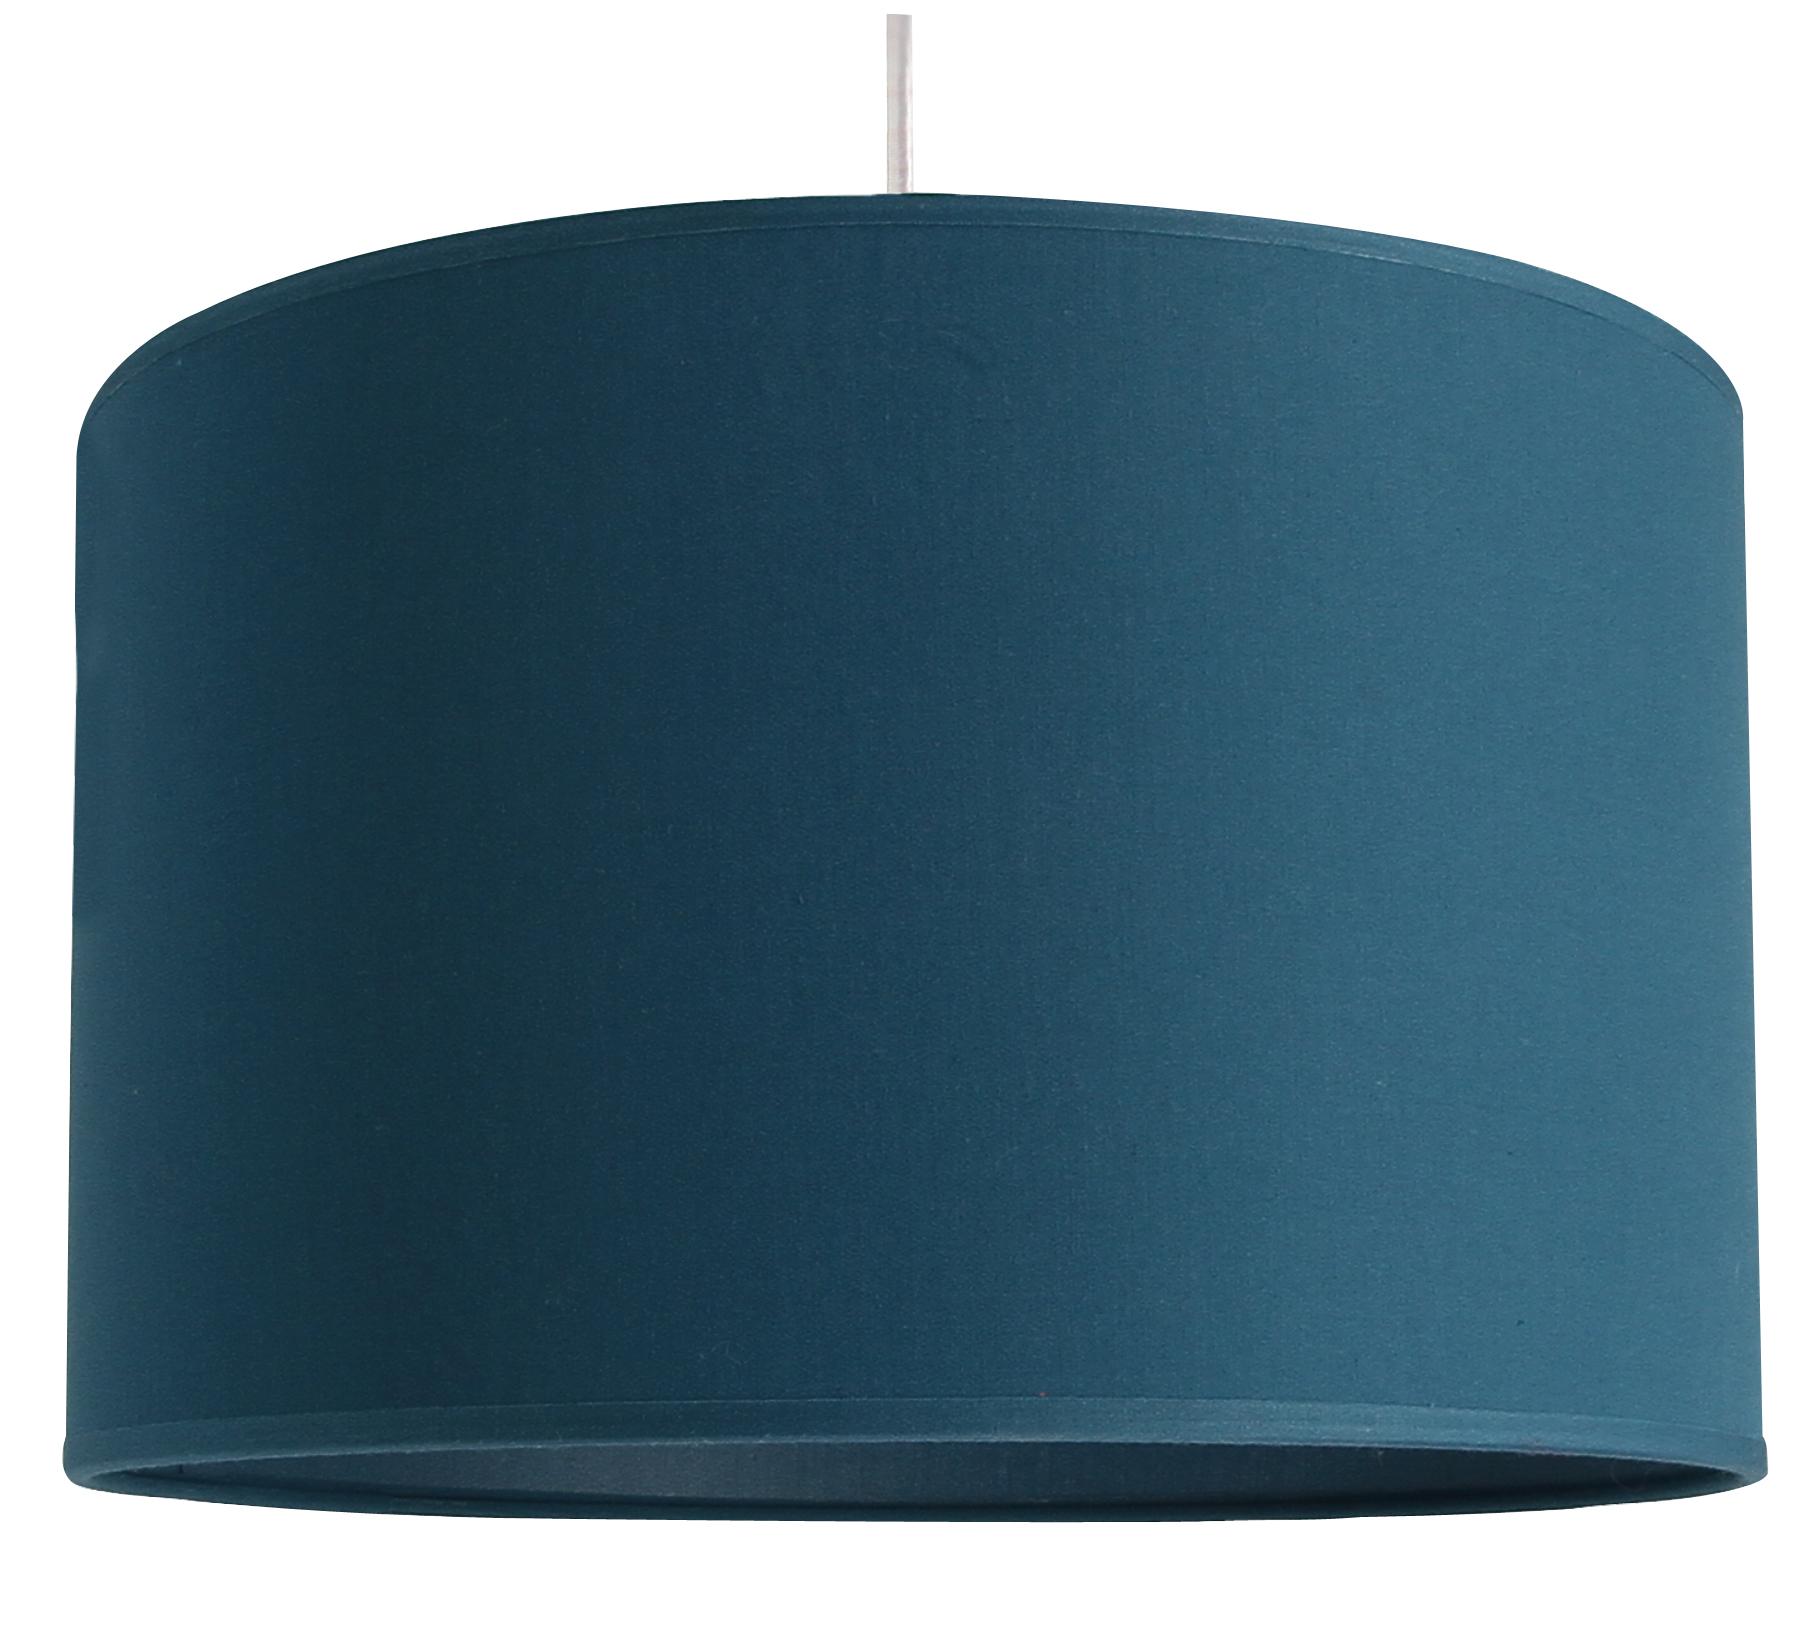 Suspension cylindre bleu canard transparent, 29 cm